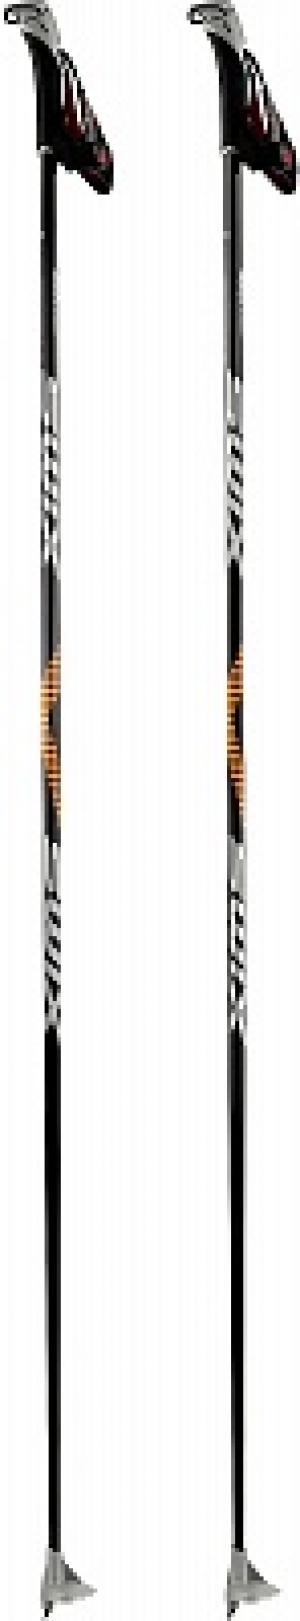 Палки для беговых лыж  Comp CT5 Swix